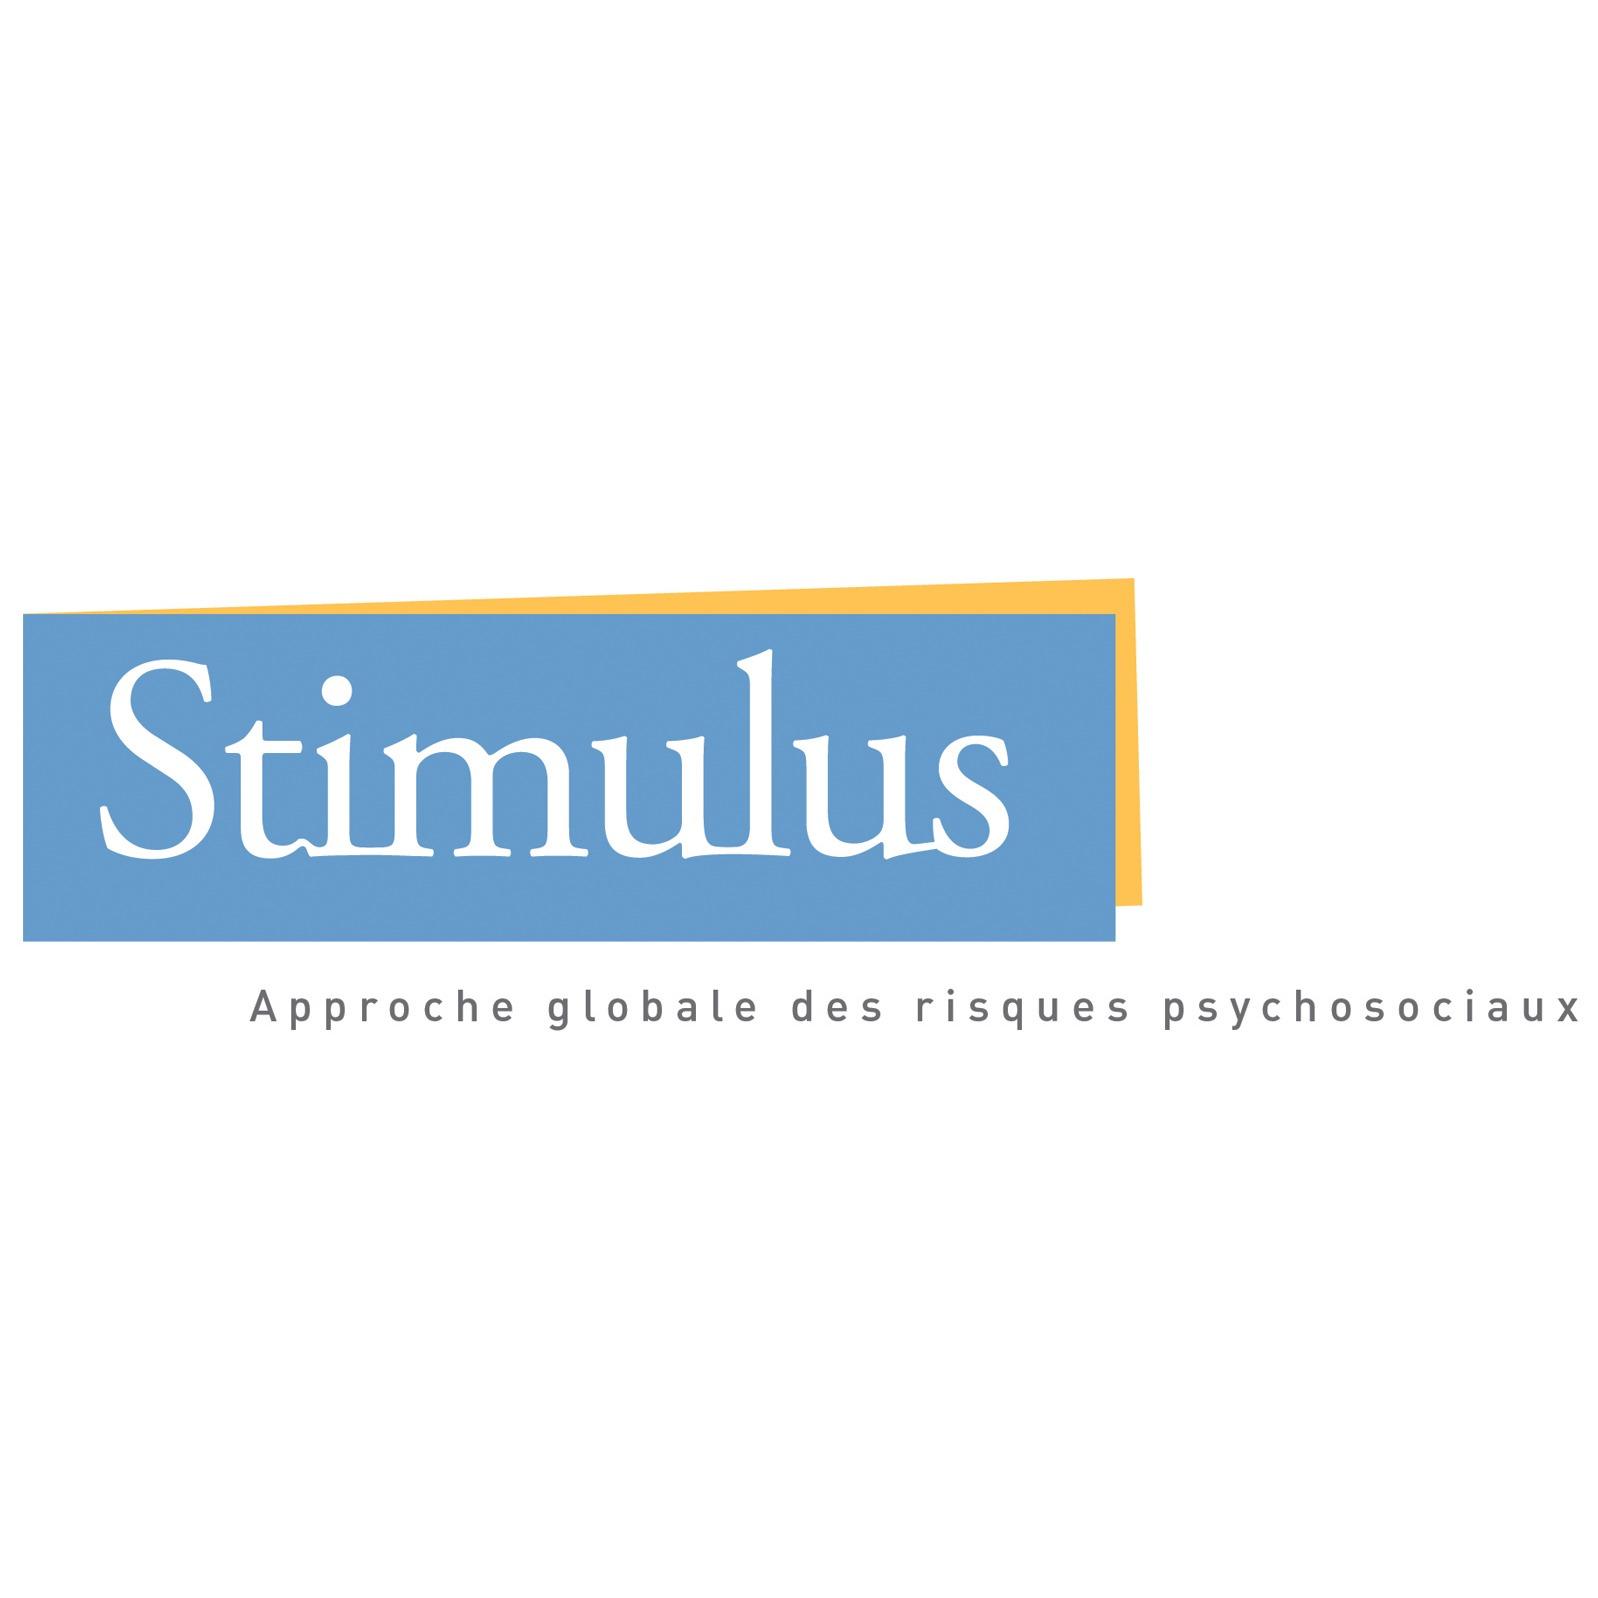 the Stimulus logo.